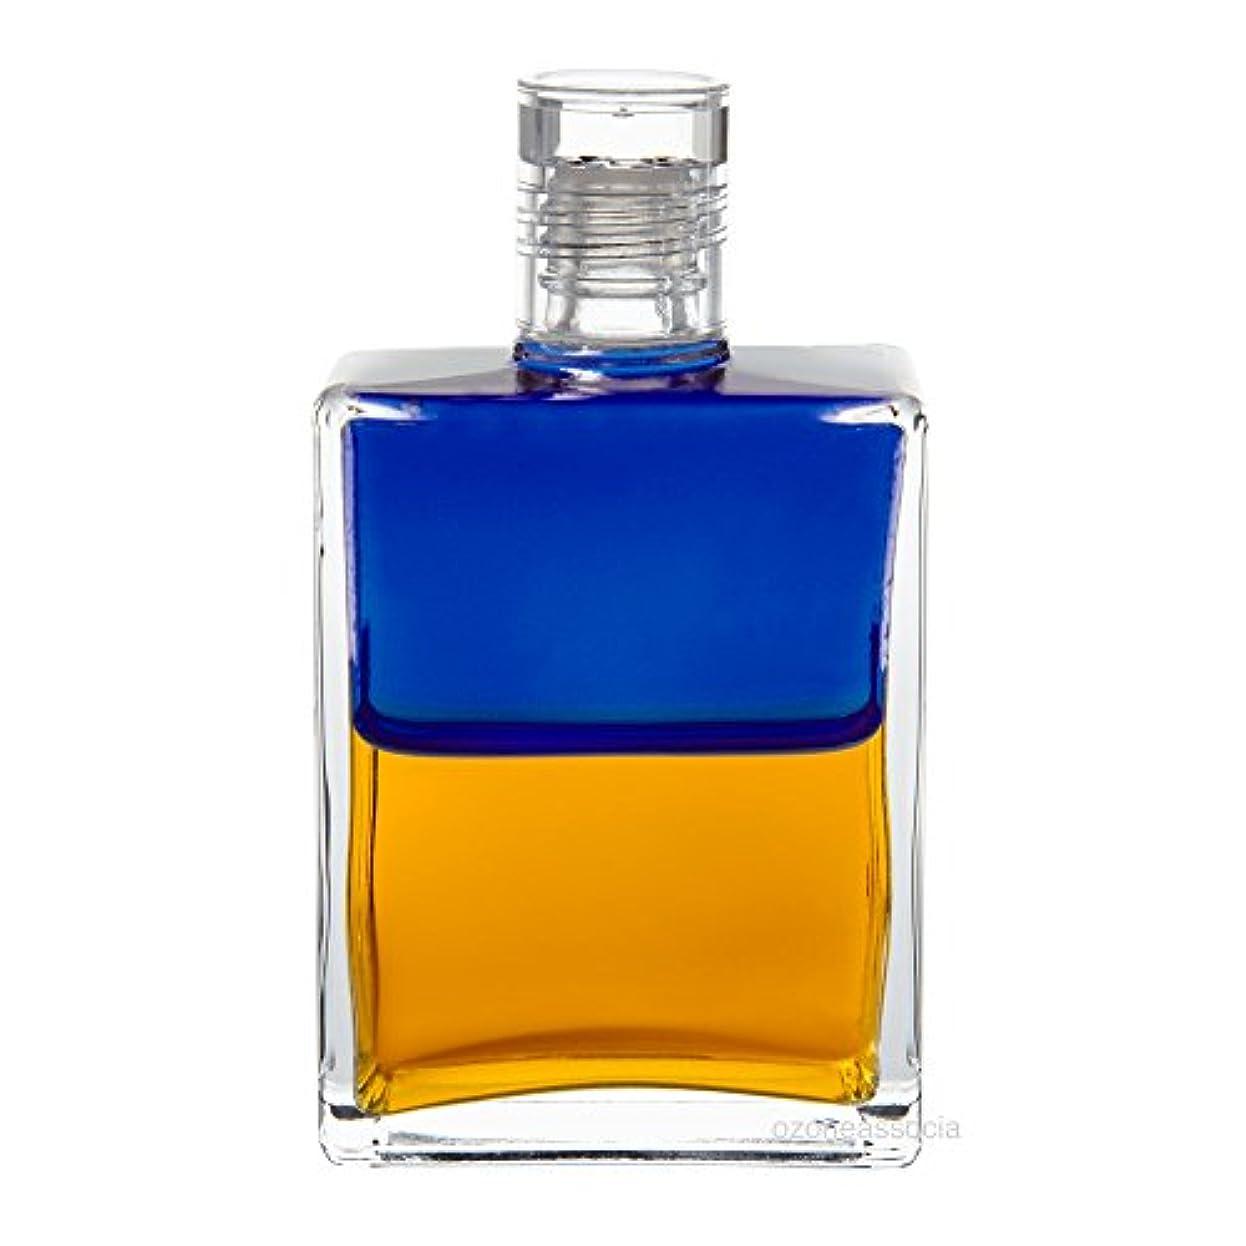 貸すものストレスの多いオーラソーマ ボトル 32番  ソフィア (ロイヤルブルー/ゴールド) イクイリブリアムボトル50ml Aurasoma